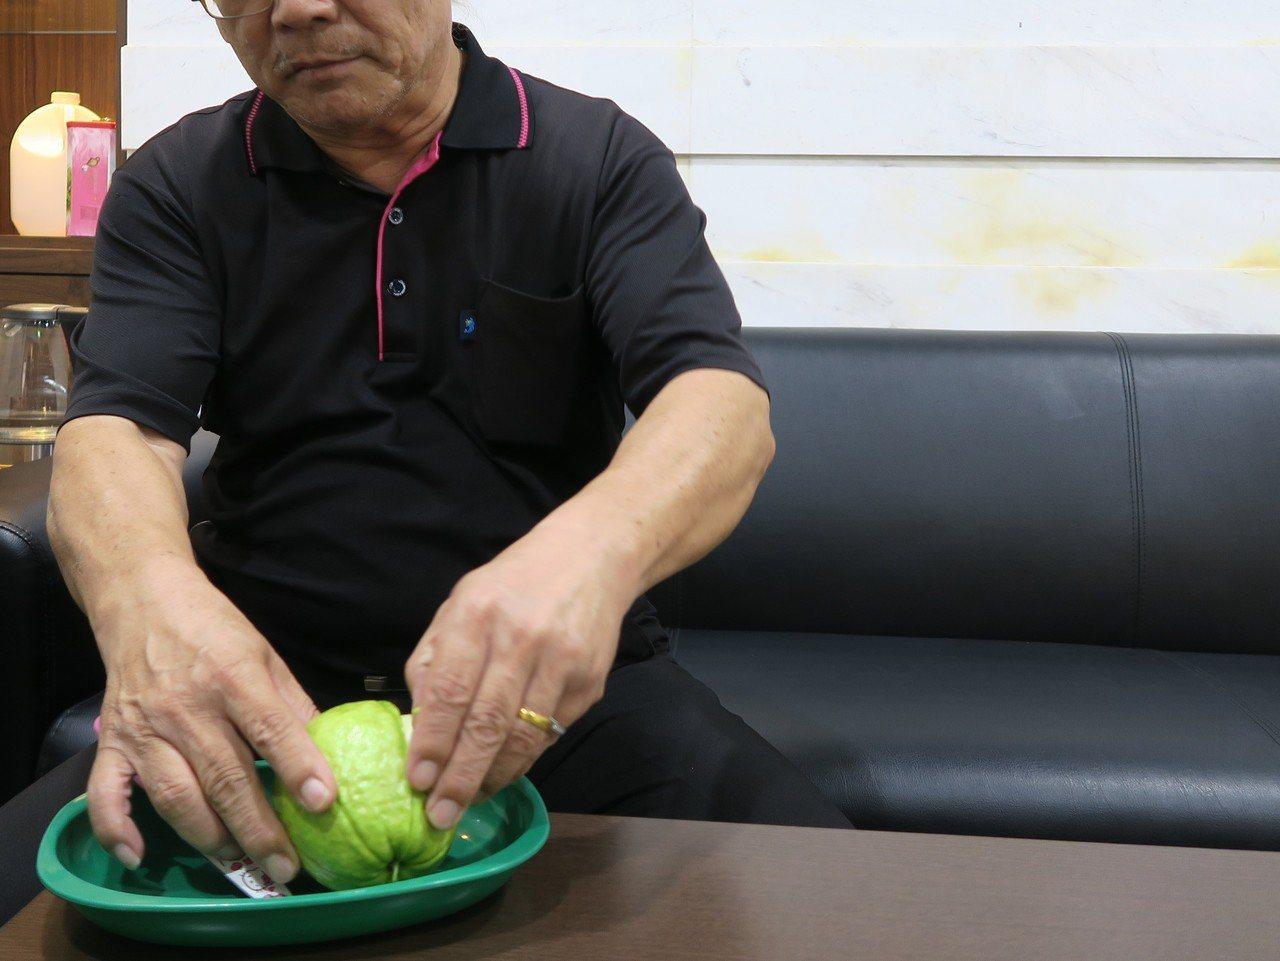 芭樂吃起來甜度雖不高,但糖尿病患者仍須適量食用。記者林敬家/攝影